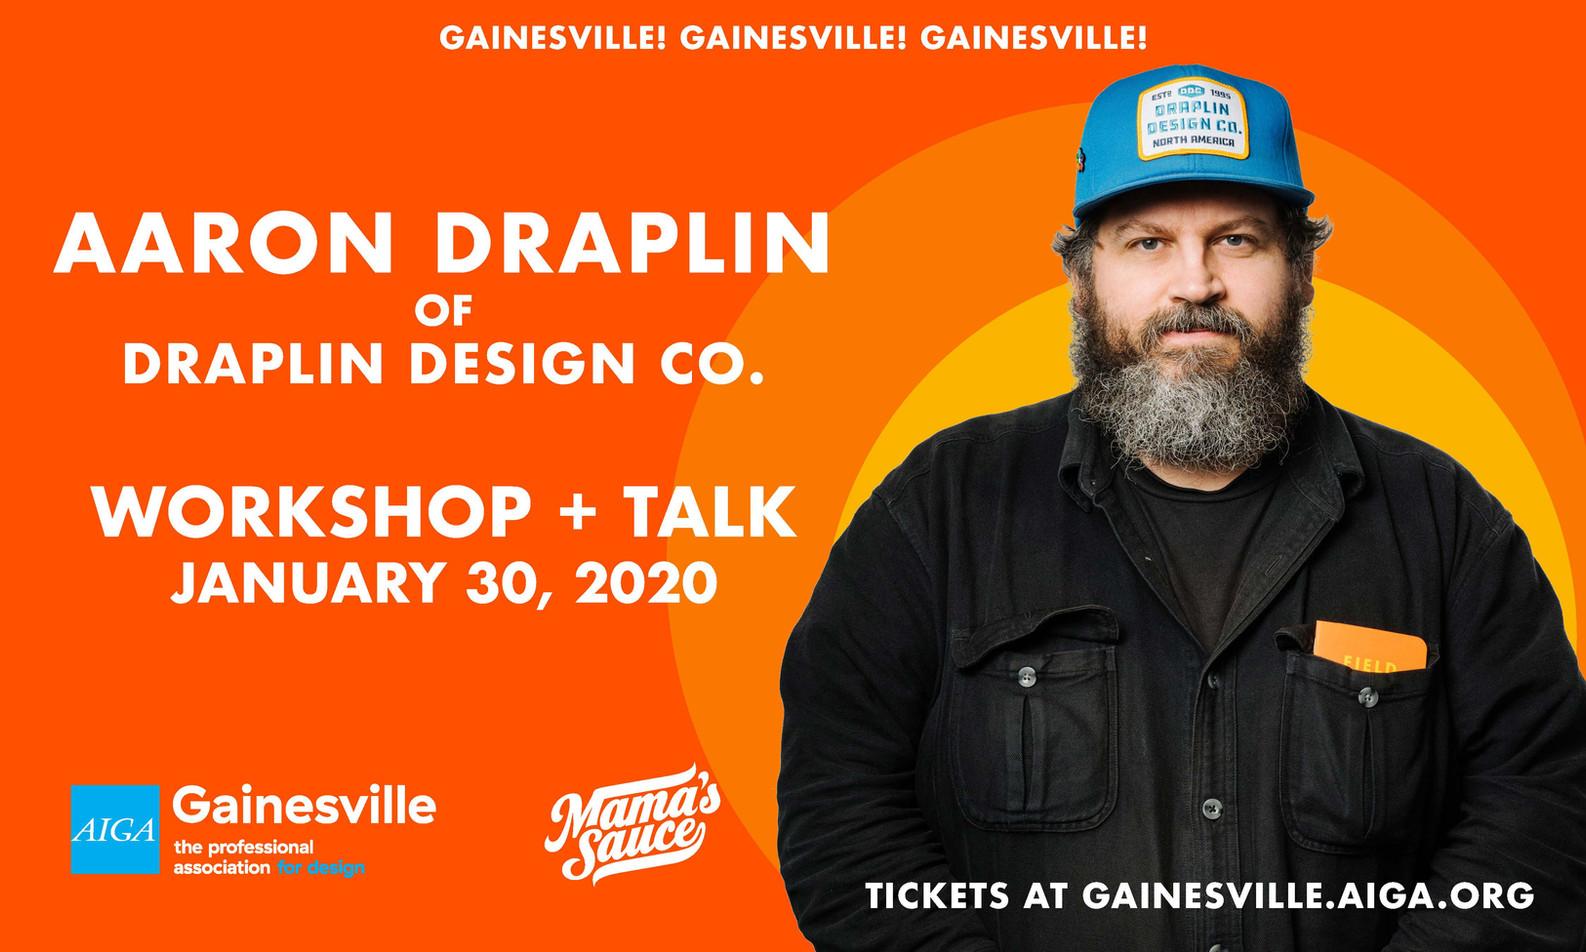 Aaron Draplin & AIGA Gainesville